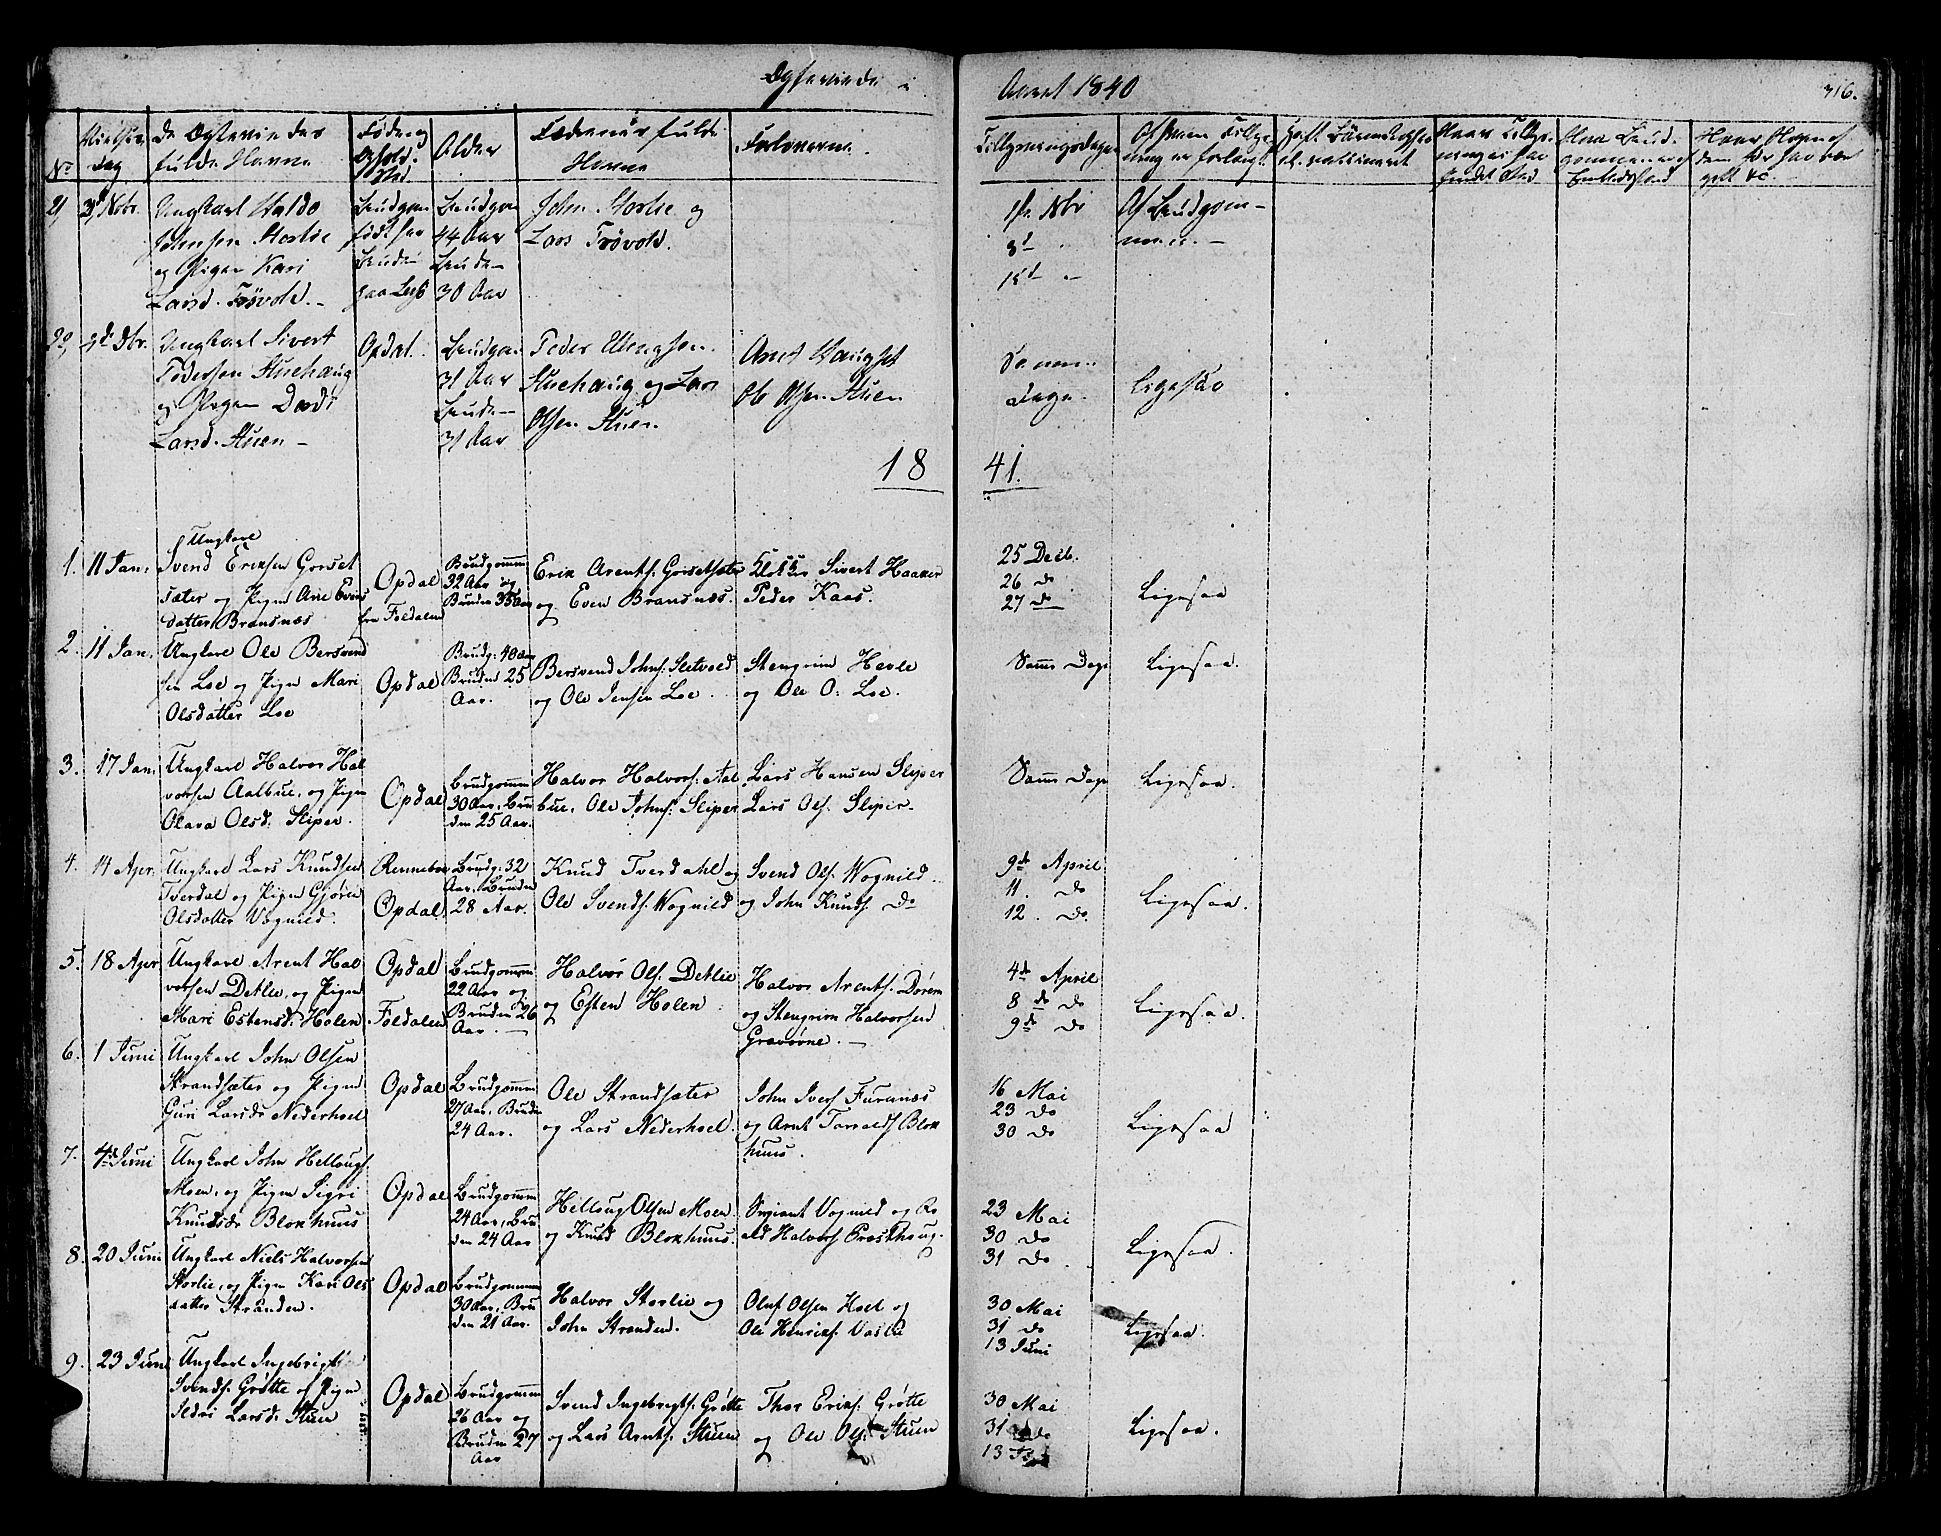 SAT, Ministerialprotokoller, klokkerbøker og fødselsregistre - Sør-Trøndelag, 678/L0897: Ministerialbok nr. 678A06-07, 1821-1847, s. 316